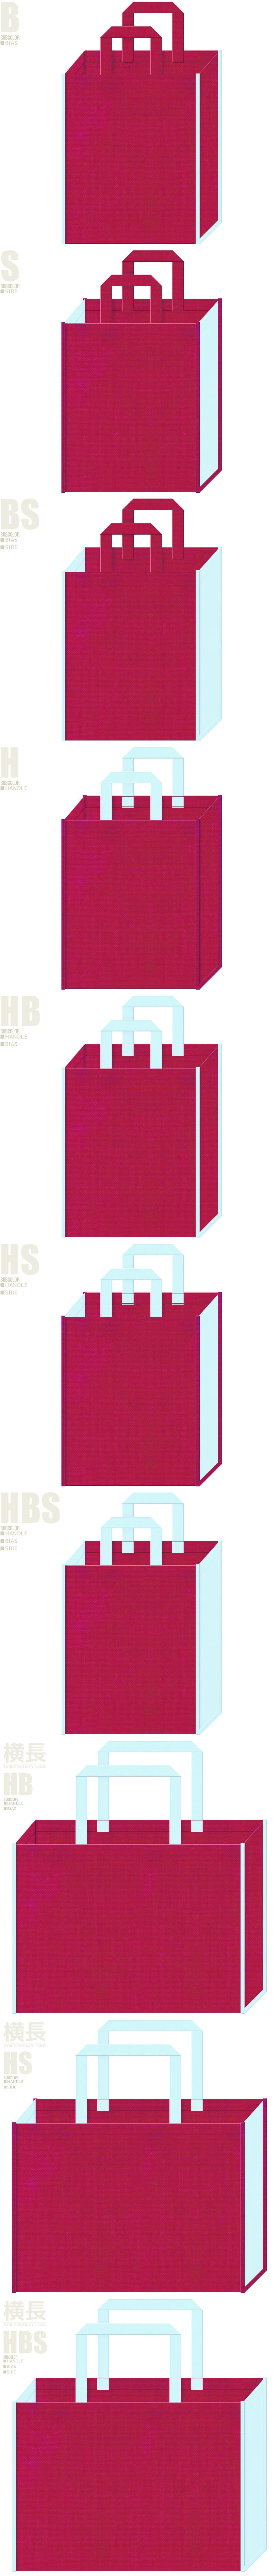 マーメイド・テーマパーク・キッズイベント・フェアリー・美白・コスメ・女子イベントにお奨めの不織布バッグのデザイン:濃いピンク色と水色の配色7パターン